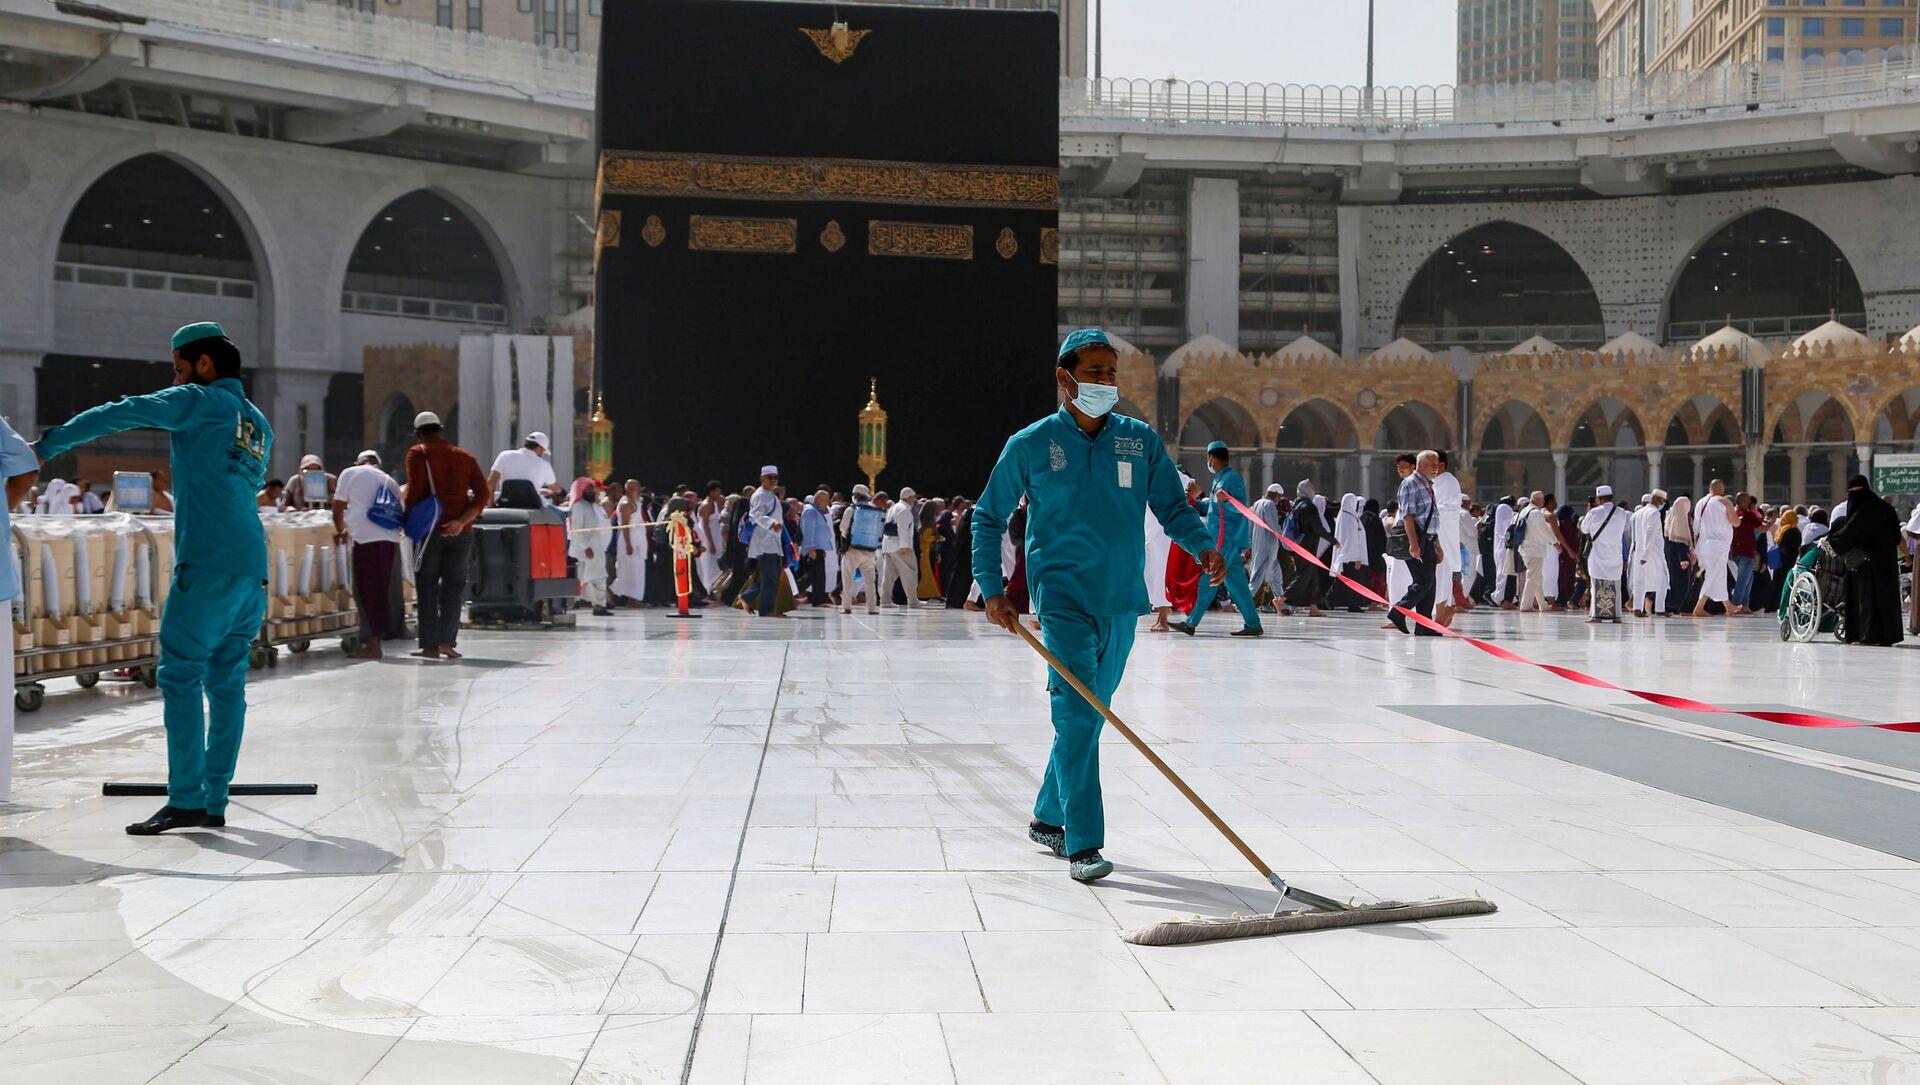 Mekke'deki Kabe'de koronavirüs nedeniyle temizlik çalışmaları maskeyle yürütülüyor. - Sputnik Türkiye, 1920, 14.04.2021